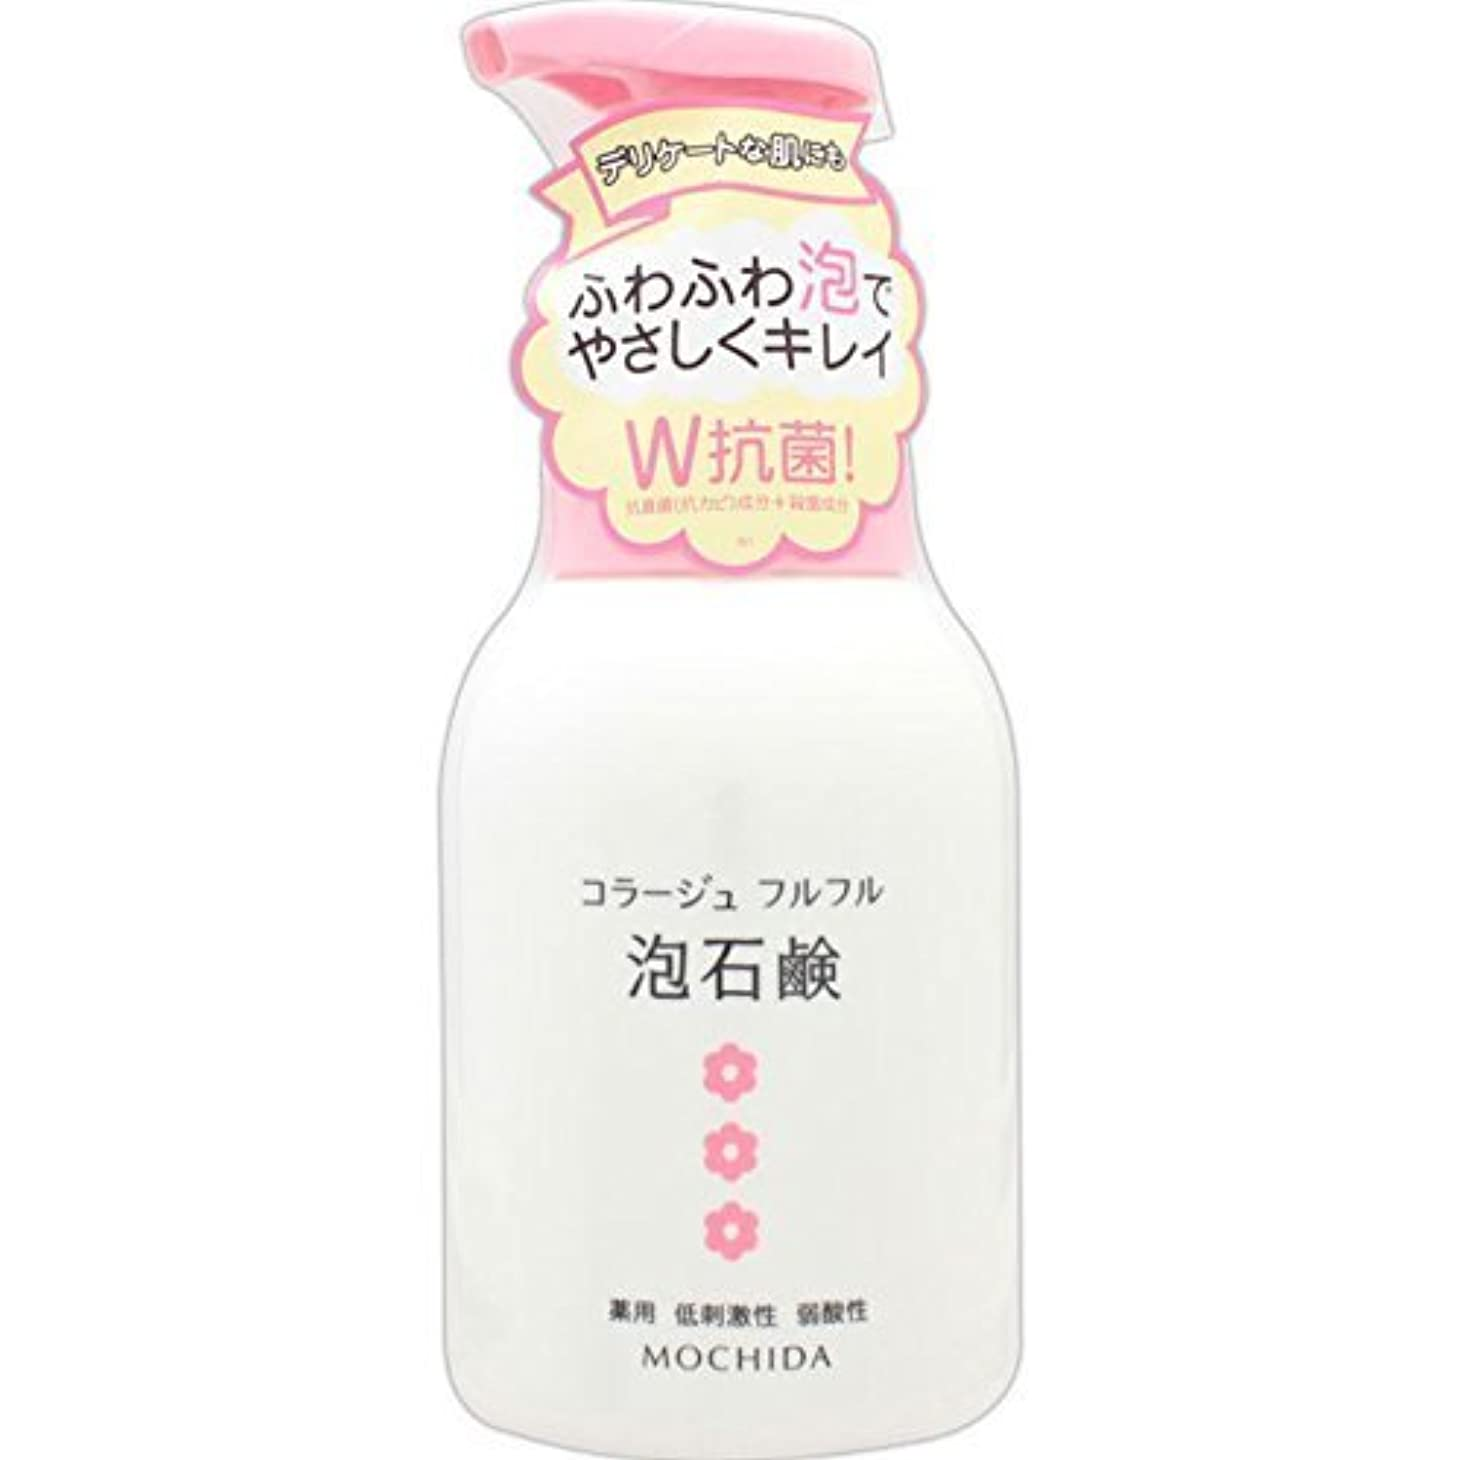 中に機動シロクマコラージュフルフル 泡石鹸 ピンク 300m L (医薬部外品) ×10